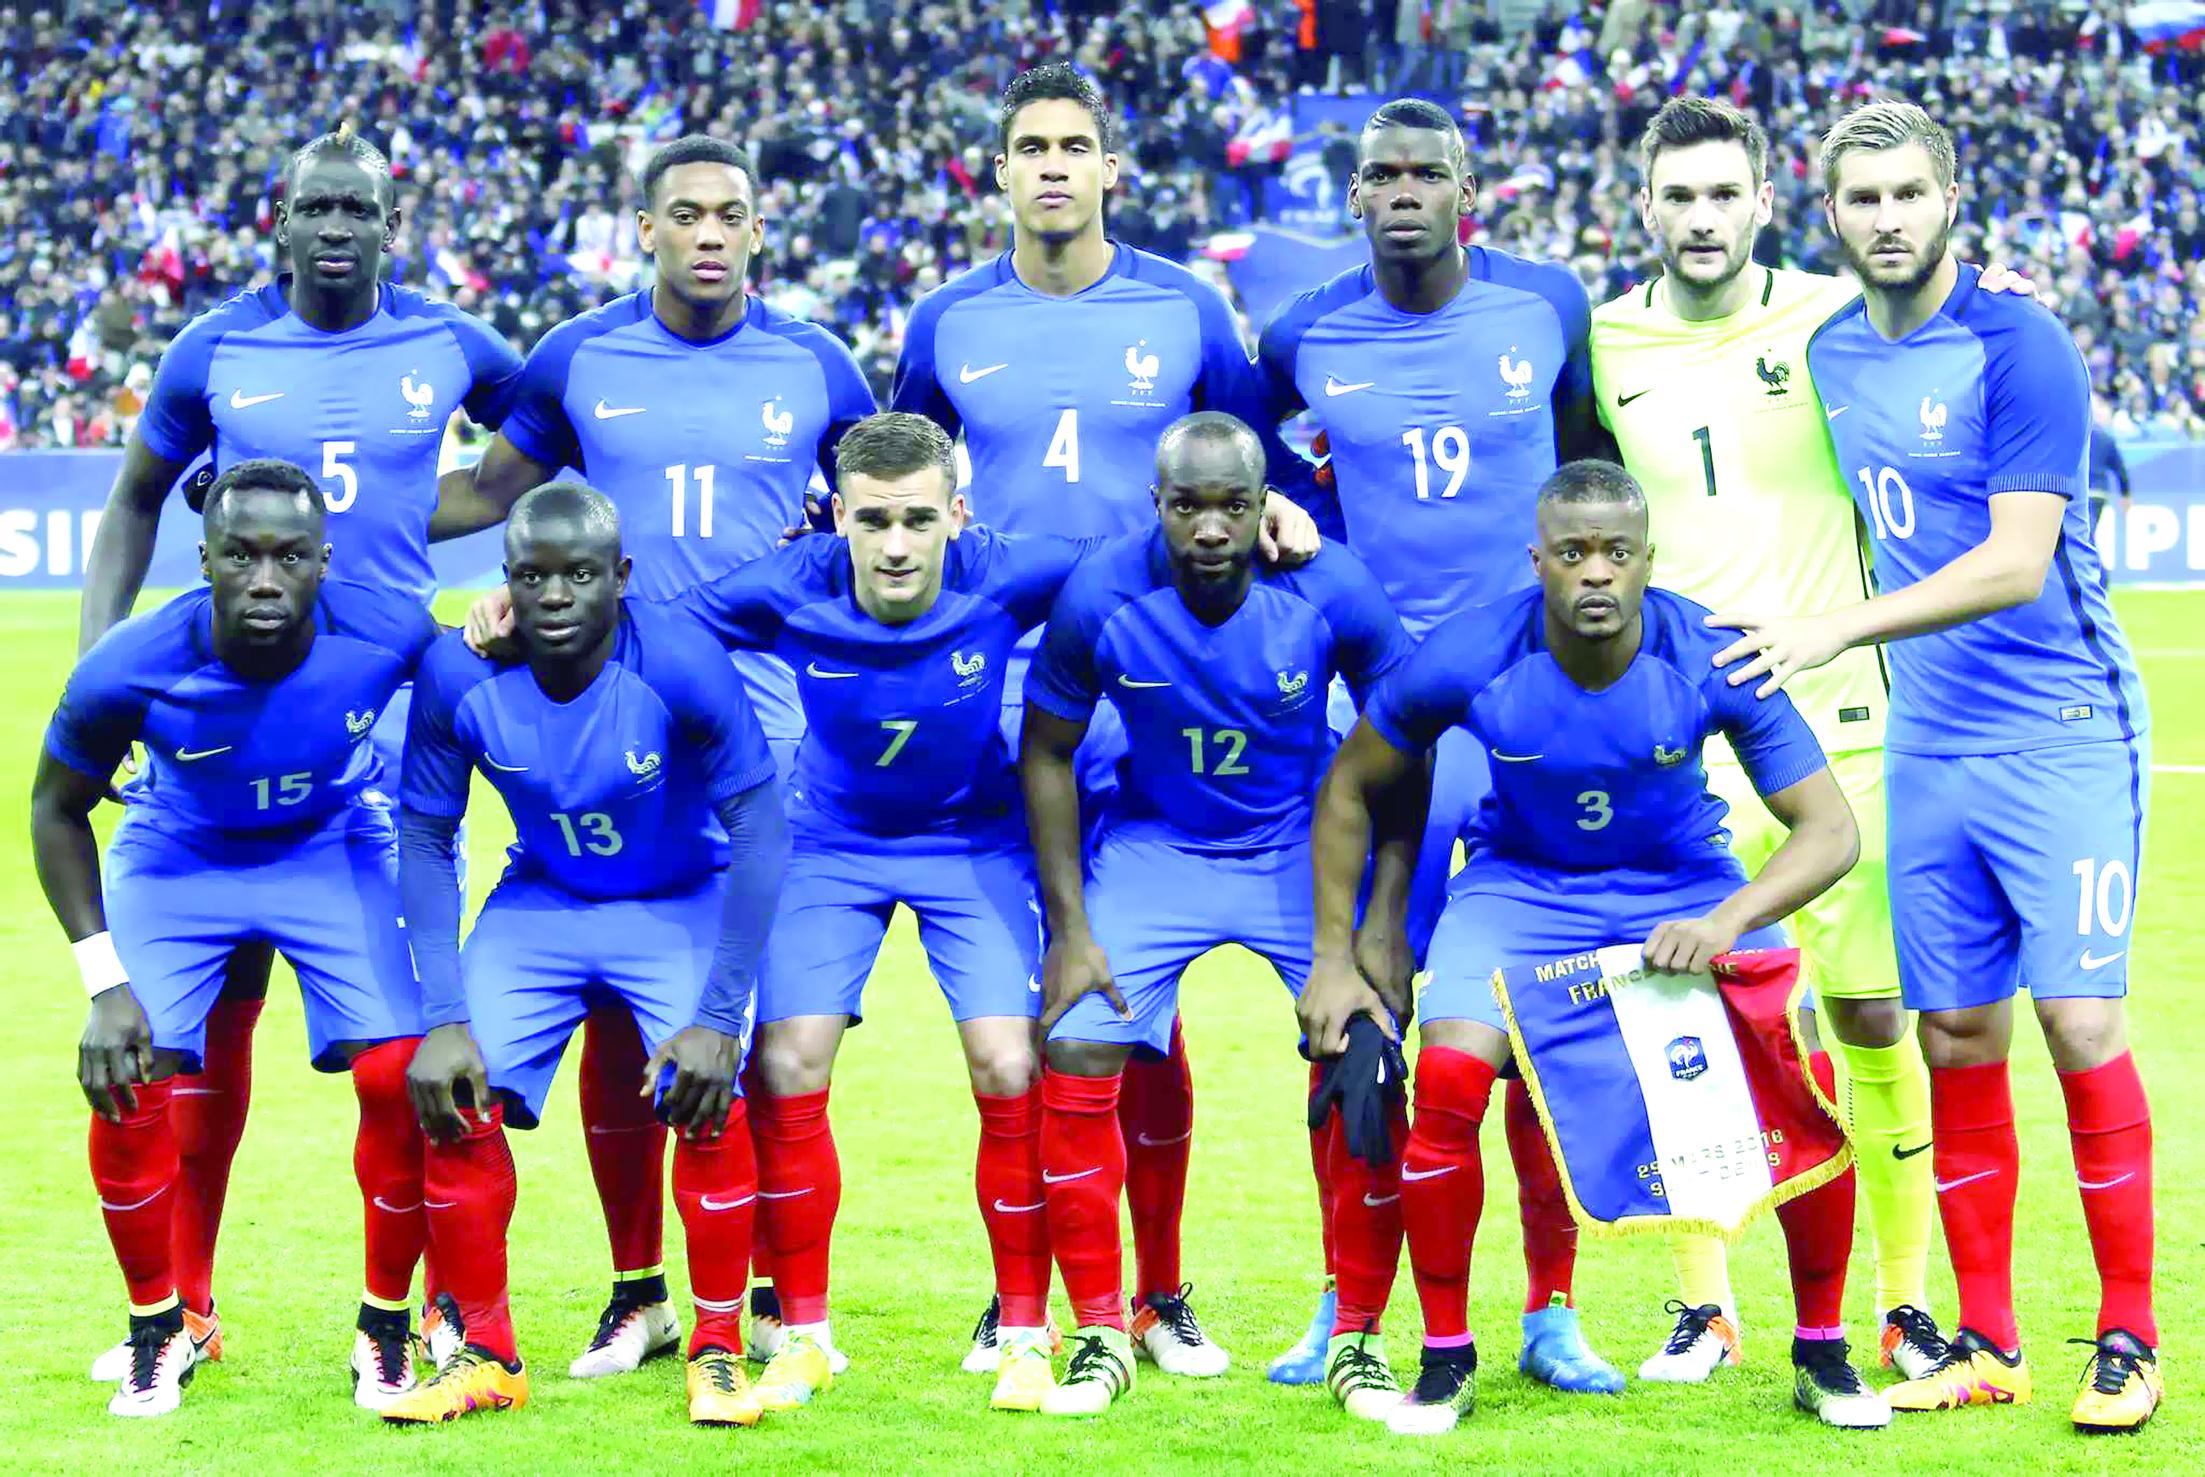 أسرار المنتخب الوطني الفرنسي لكرة القدم في كتاب